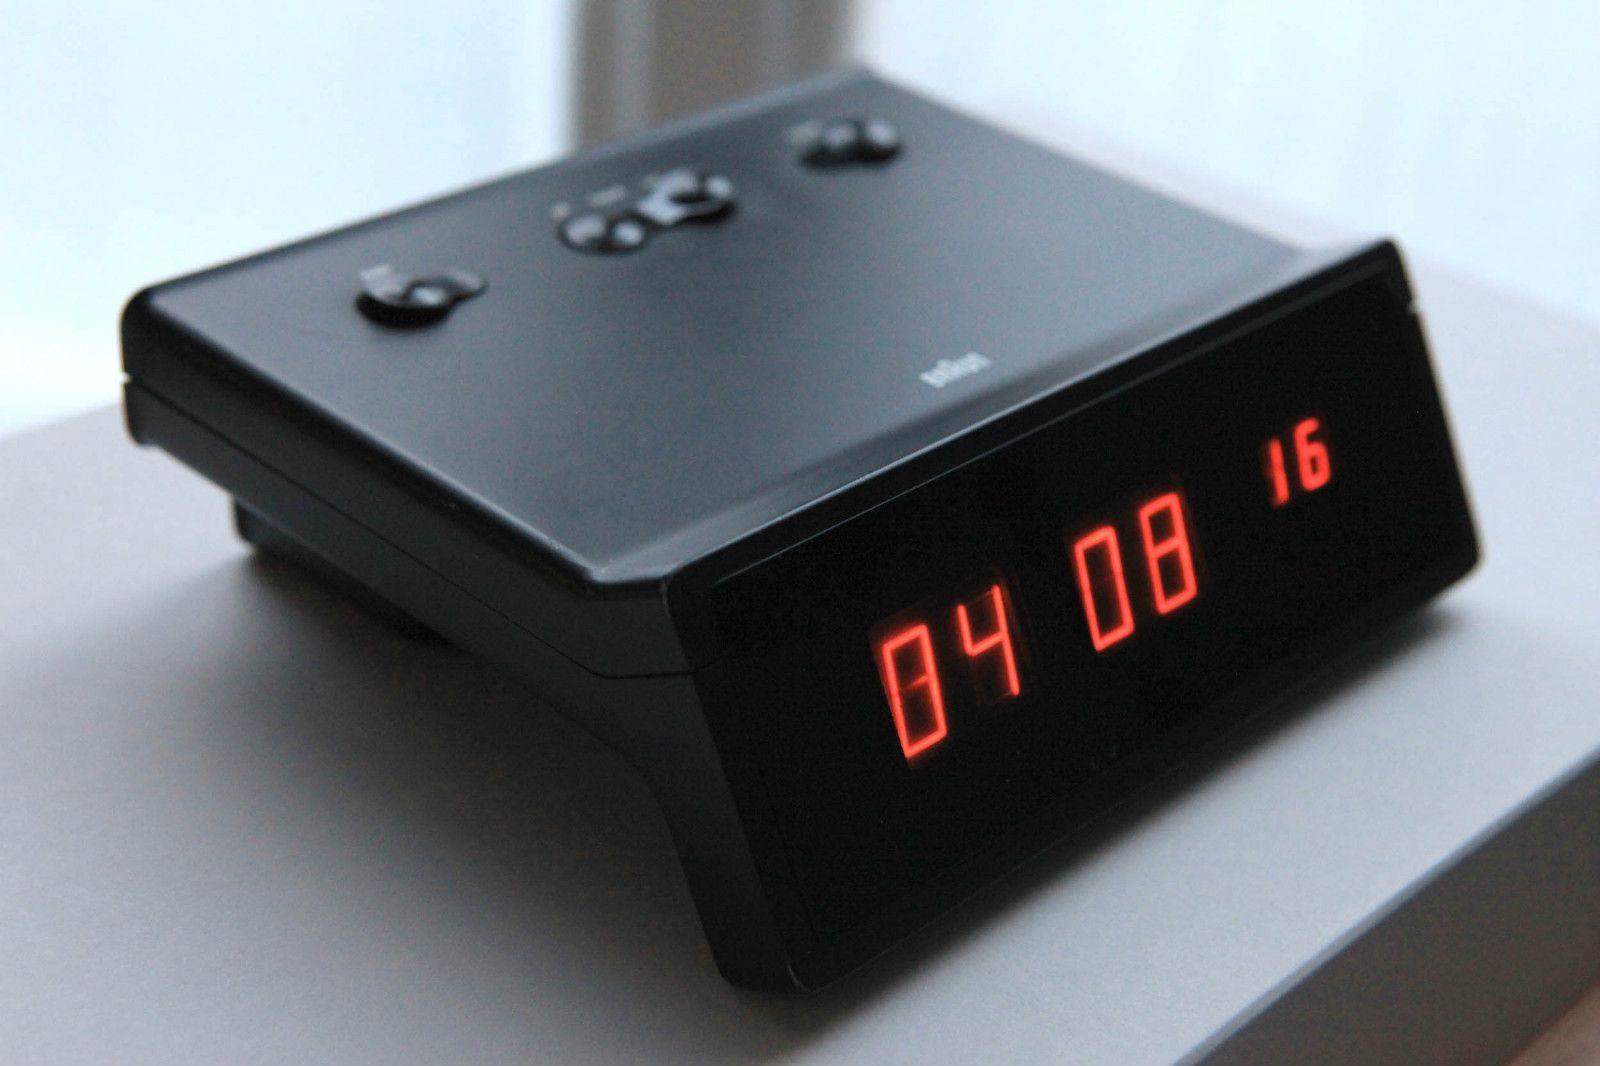 Details About Braun Functional Typ 4815 Alarm Clock Wecker